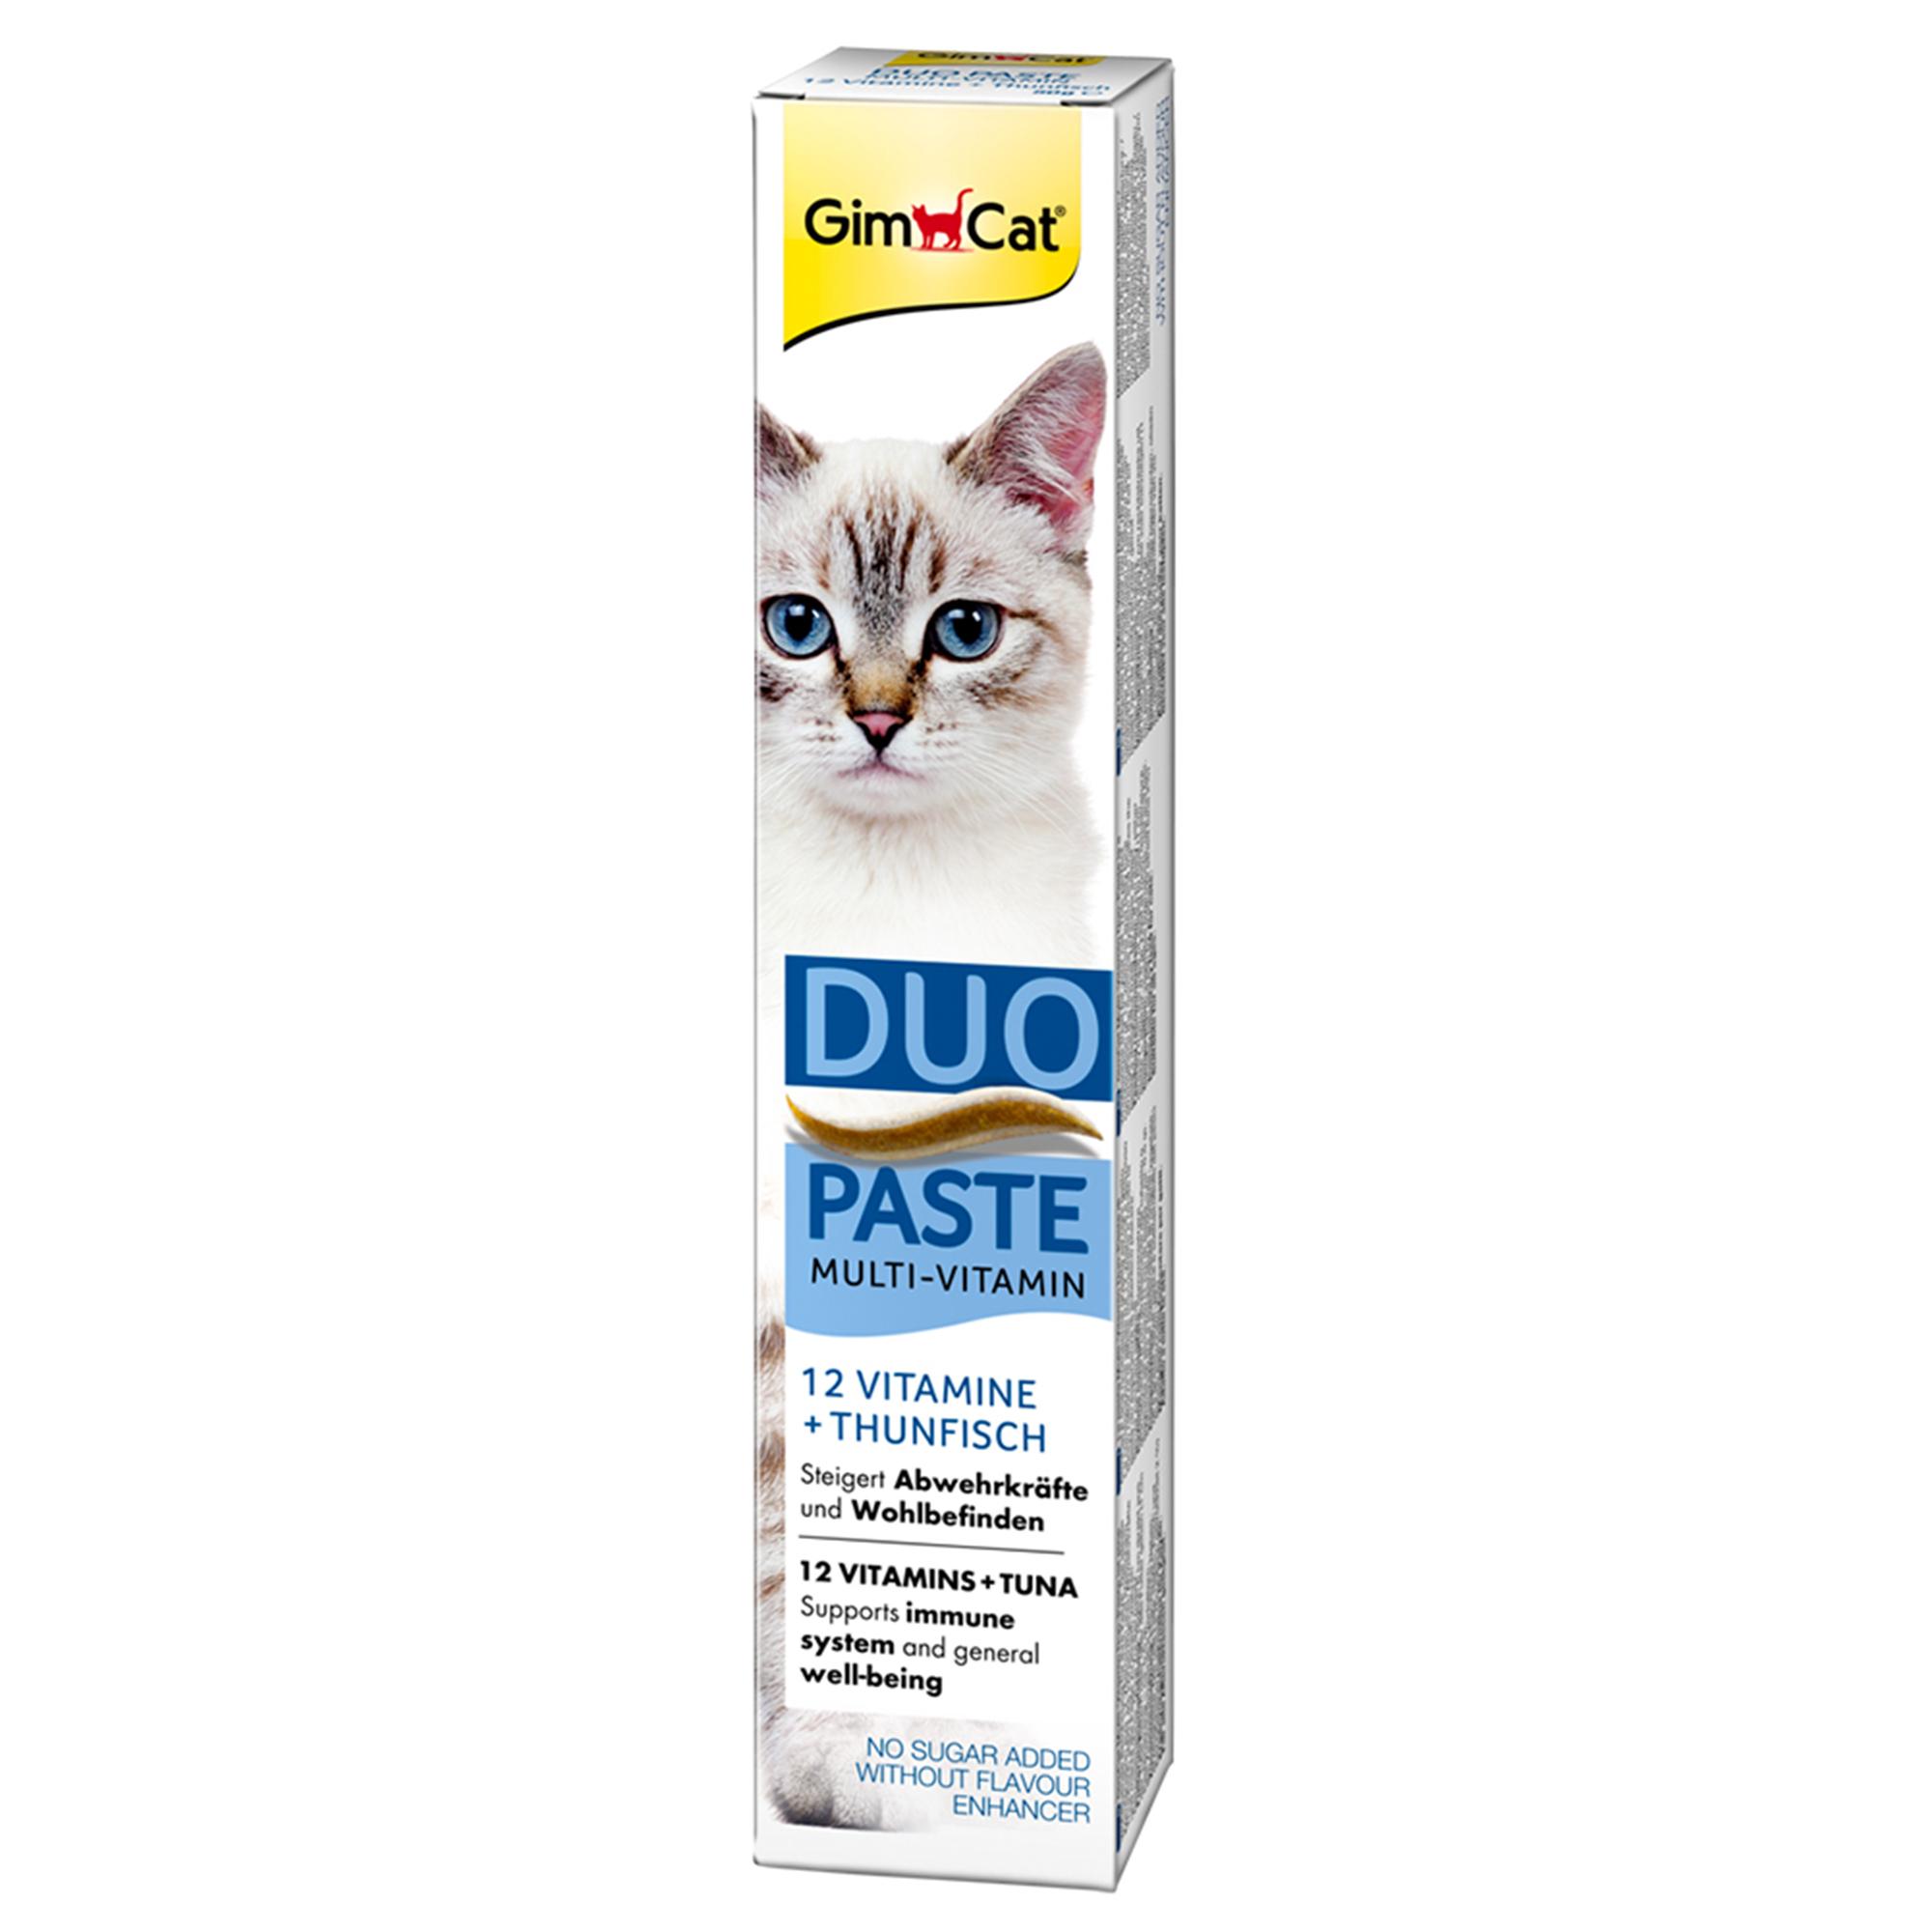 GimCat Multi-Vitamin Duo-Paste